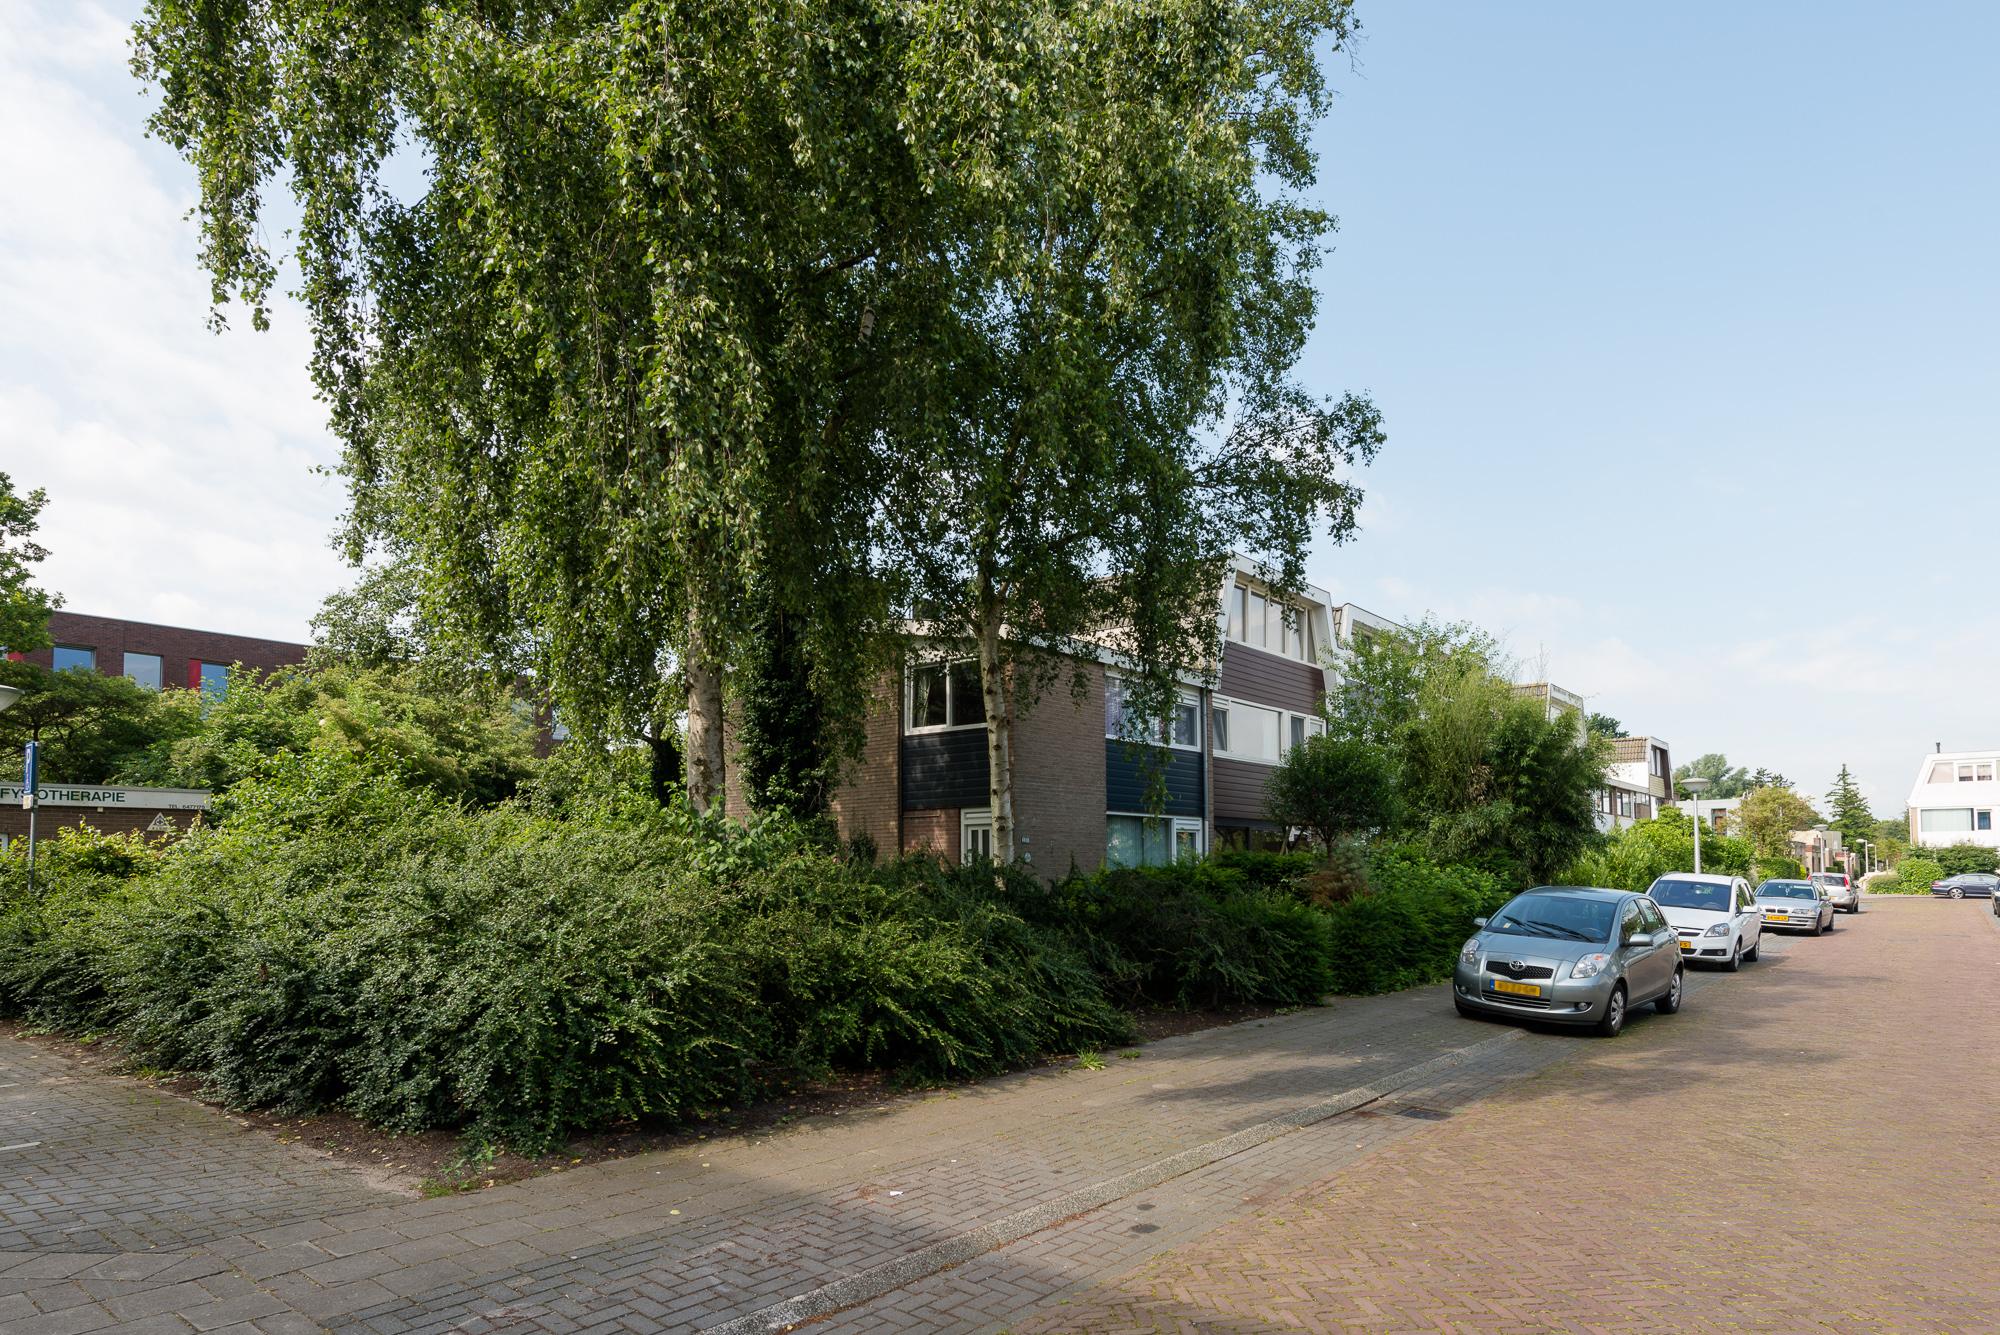 Voornse Hoek, Amstelveen